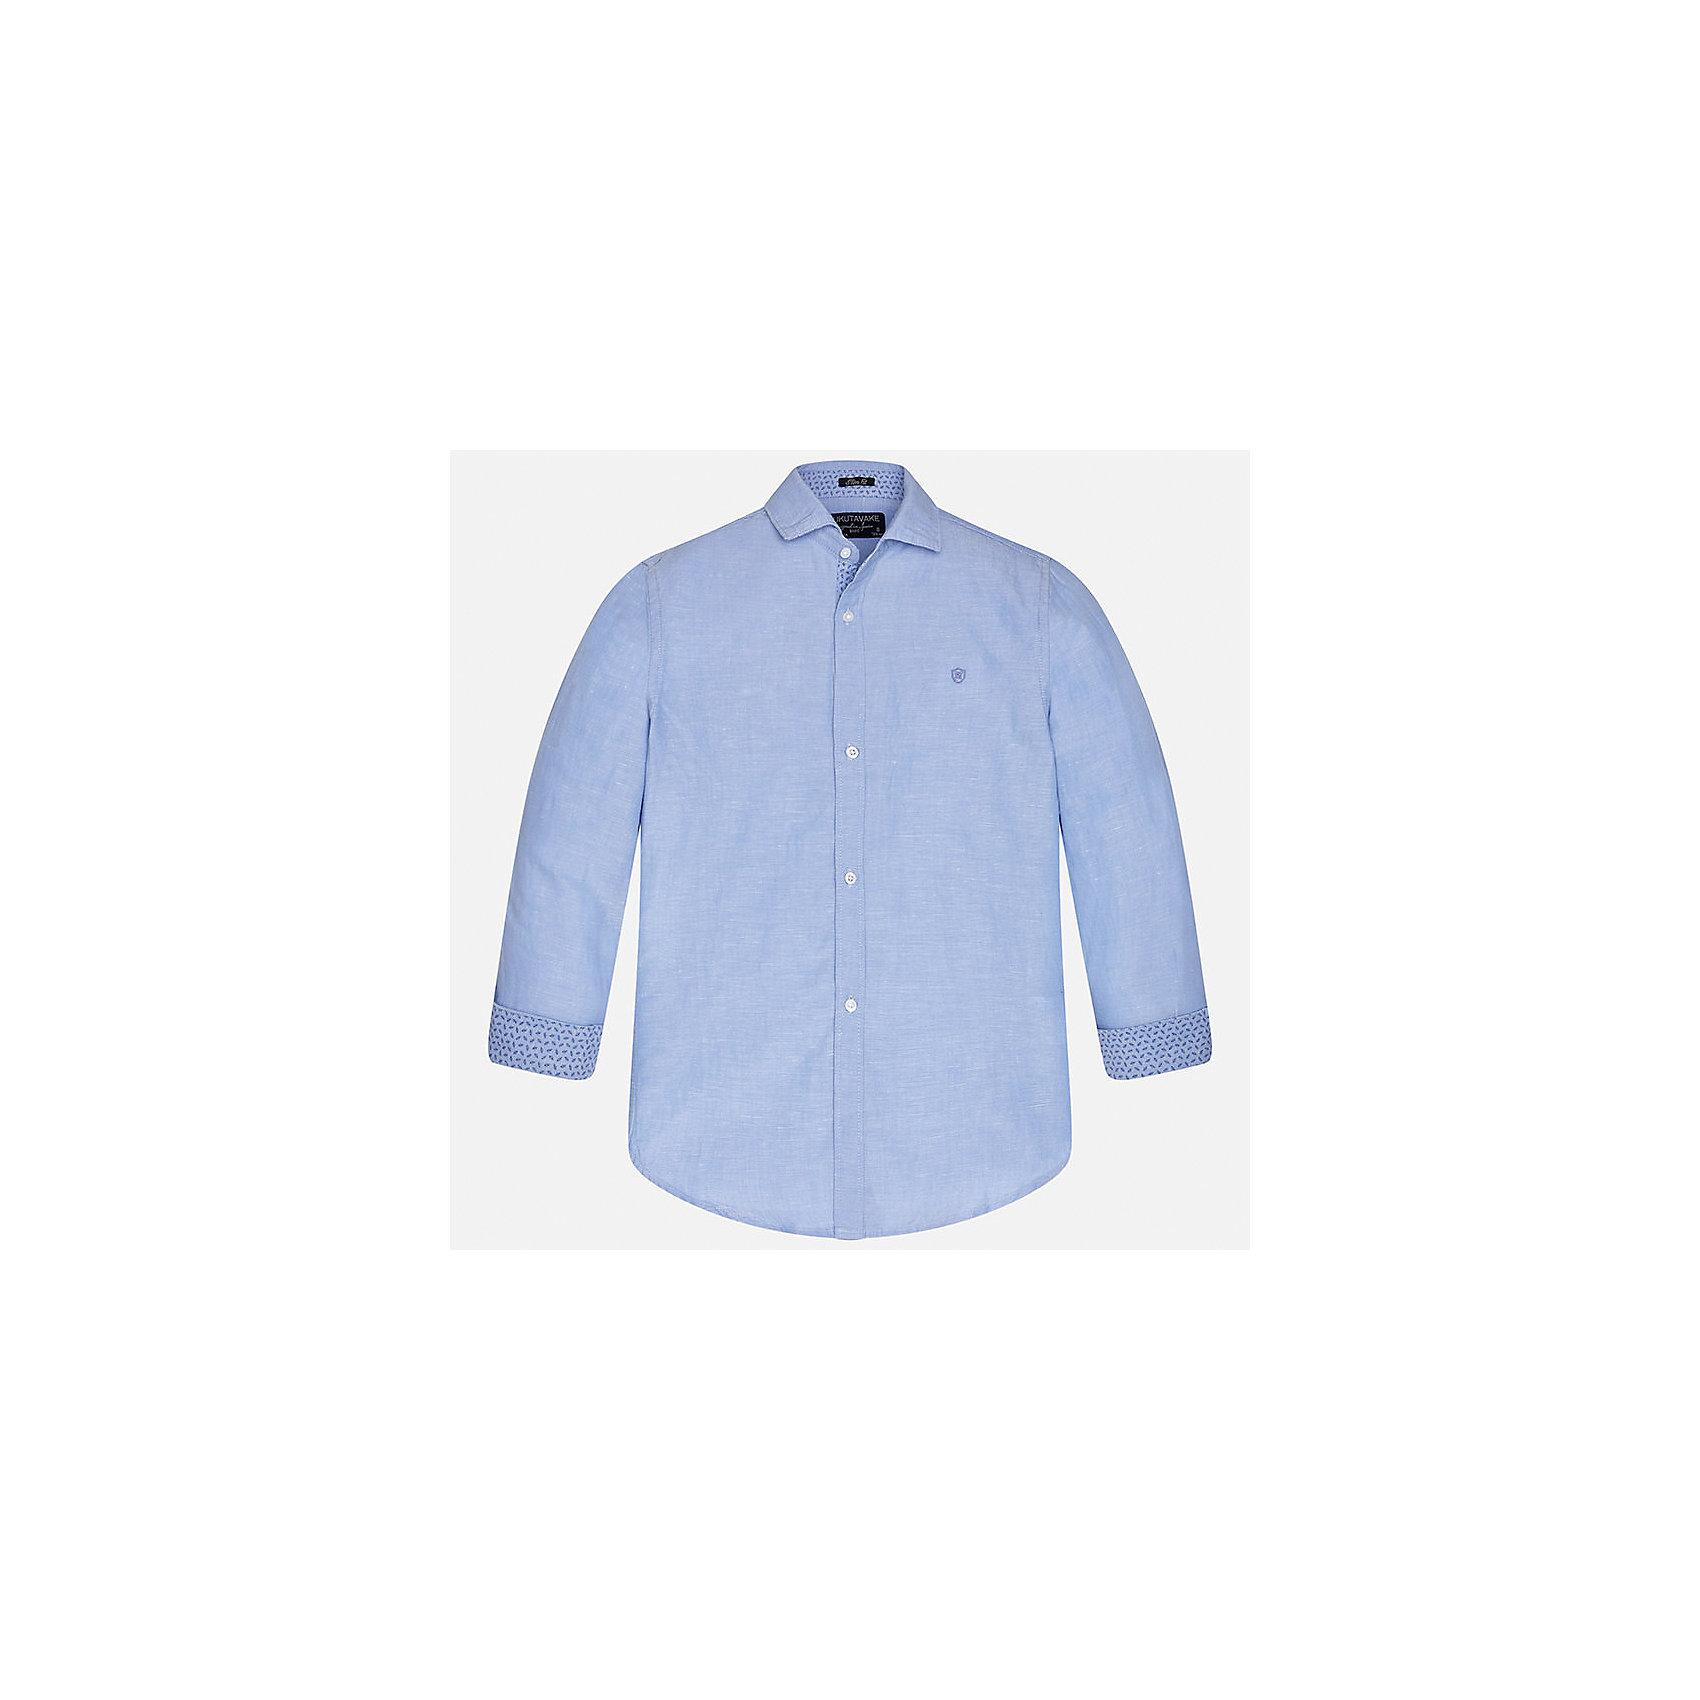 Рубашка для мальчика MayoralБлузки и рубашки<br>Характеристики товара:<br><br>• цвет: голубой<br>• состав: 70% хлопок, 30% лен<br>• отложной воротник<br>• рукава с отворотами<br>• застежка: пуговицы<br>• прямой силуэт<br>• страна бренда: Испания<br><br>Удобная рубашка классического кроя для мальчика может стать базовой вещью в гардеробе ребенка. Она отлично сочетается с брюками, шортами, джинсами и т.д. Практичное и стильное изделие! В составе материала - натуральный хлопок, гипоаллергенный, приятный на ощупь, дышащий.<br><br>Рубашку для мальчика от испанского бренда Mayoral (Майорал) можно купить в нашем интернет-магазине.<br><br>Ширина мм: 174<br>Глубина мм: 10<br>Высота мм: 169<br>Вес г: 157<br>Цвет: белый<br>Возраст от месяцев: 84<br>Возраст до месяцев: 96<br>Пол: Мужской<br>Возраст: Детский<br>Размер: 128/134,170,164,158,152,140<br>SKU: 5278328